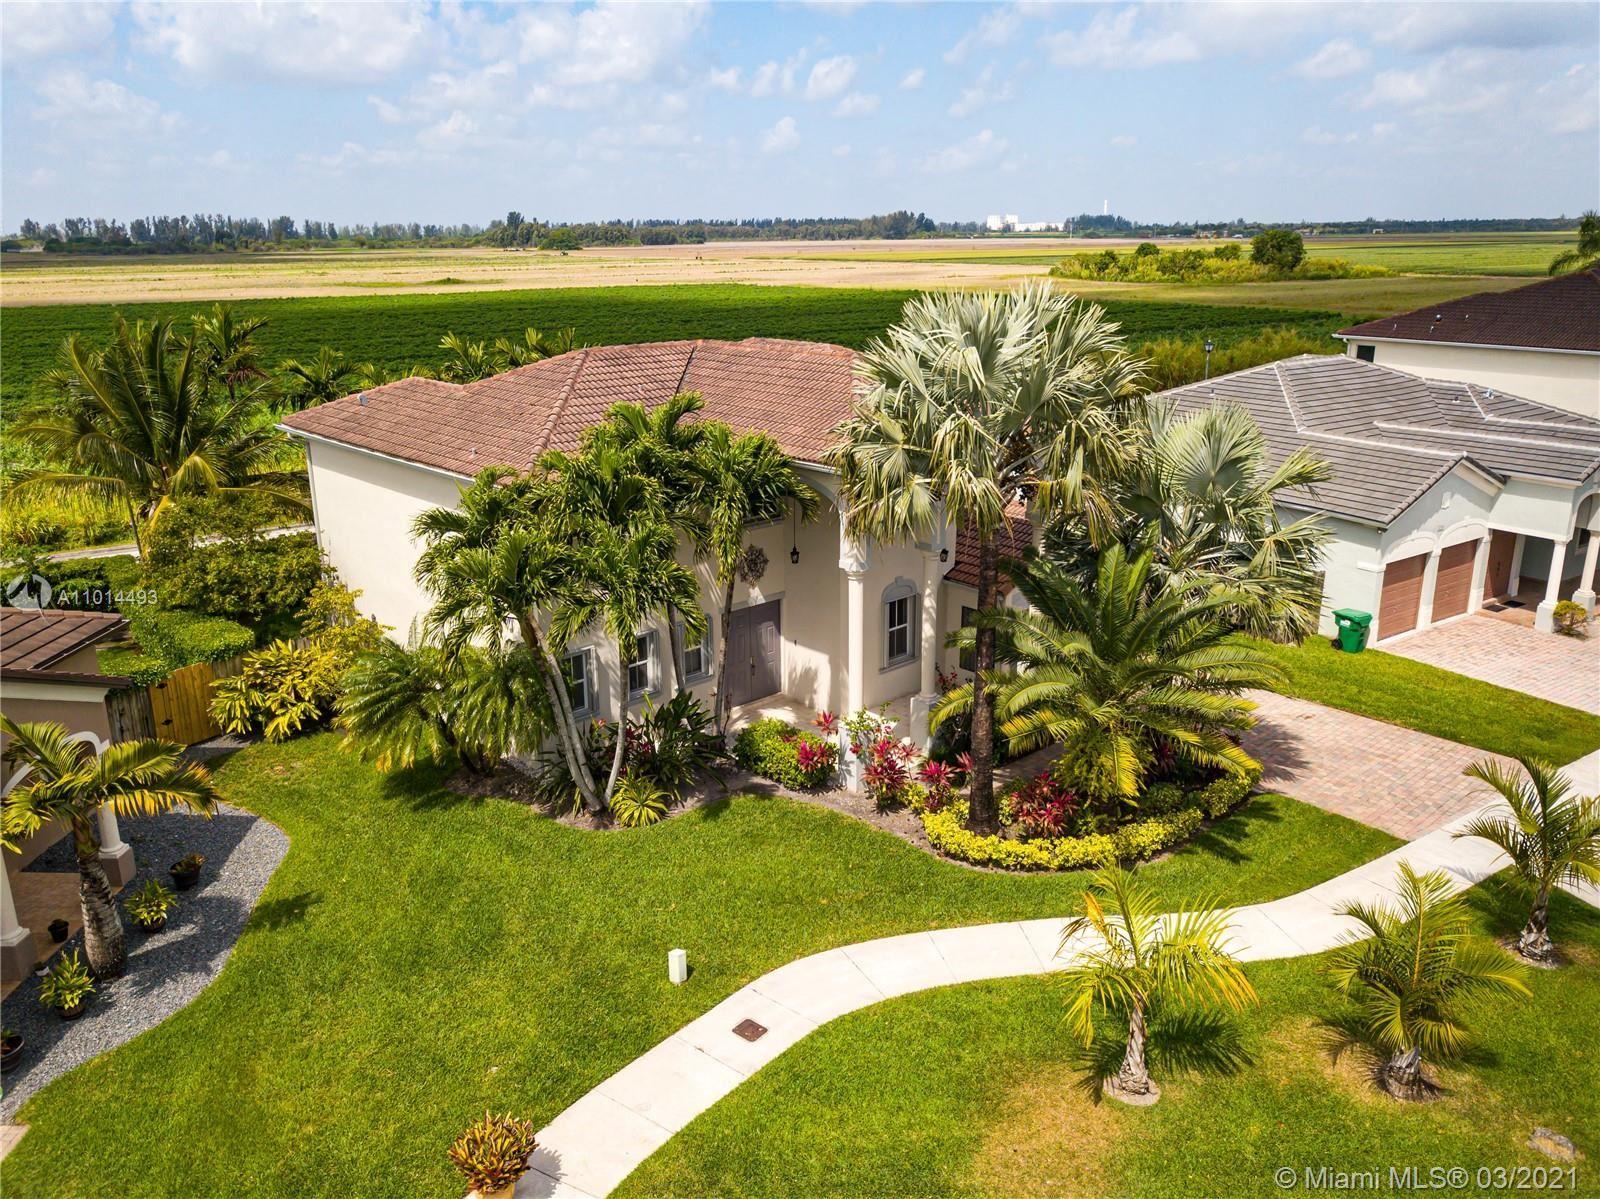 8212 SW 166th Pl, Miami, FL 33193 - #: A11014493